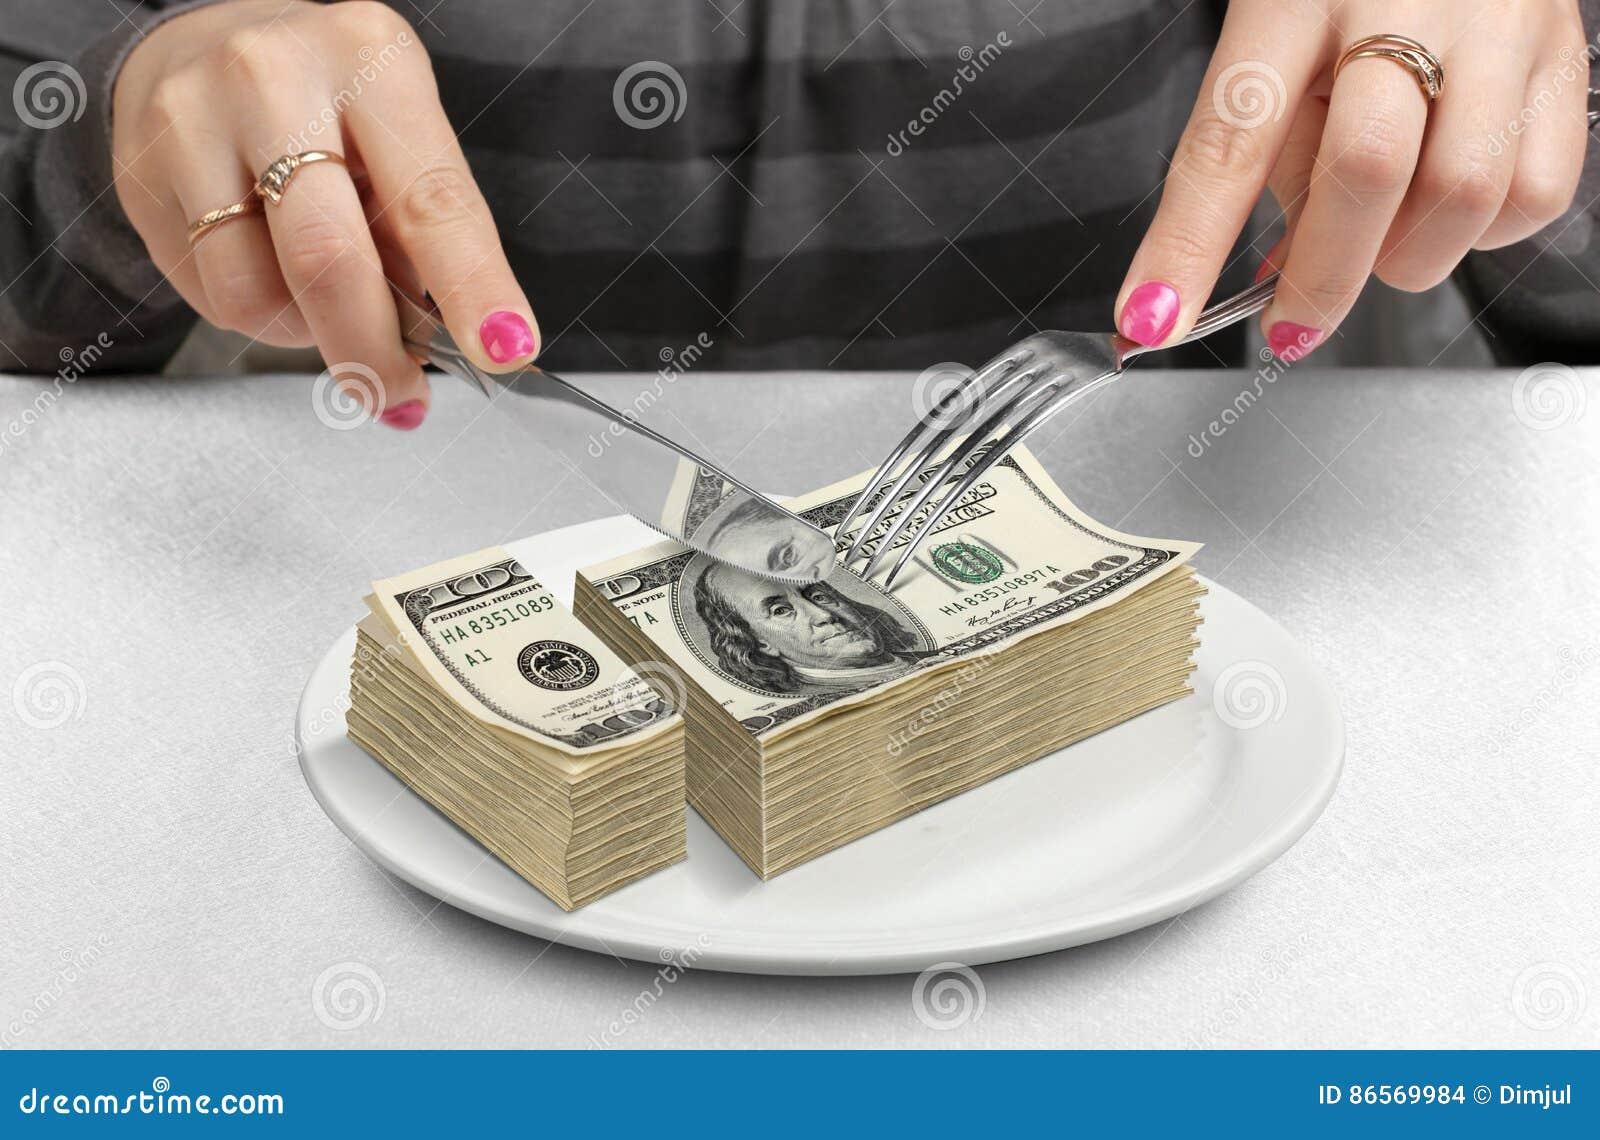 手切开了在板材的金钱,减少资金概念